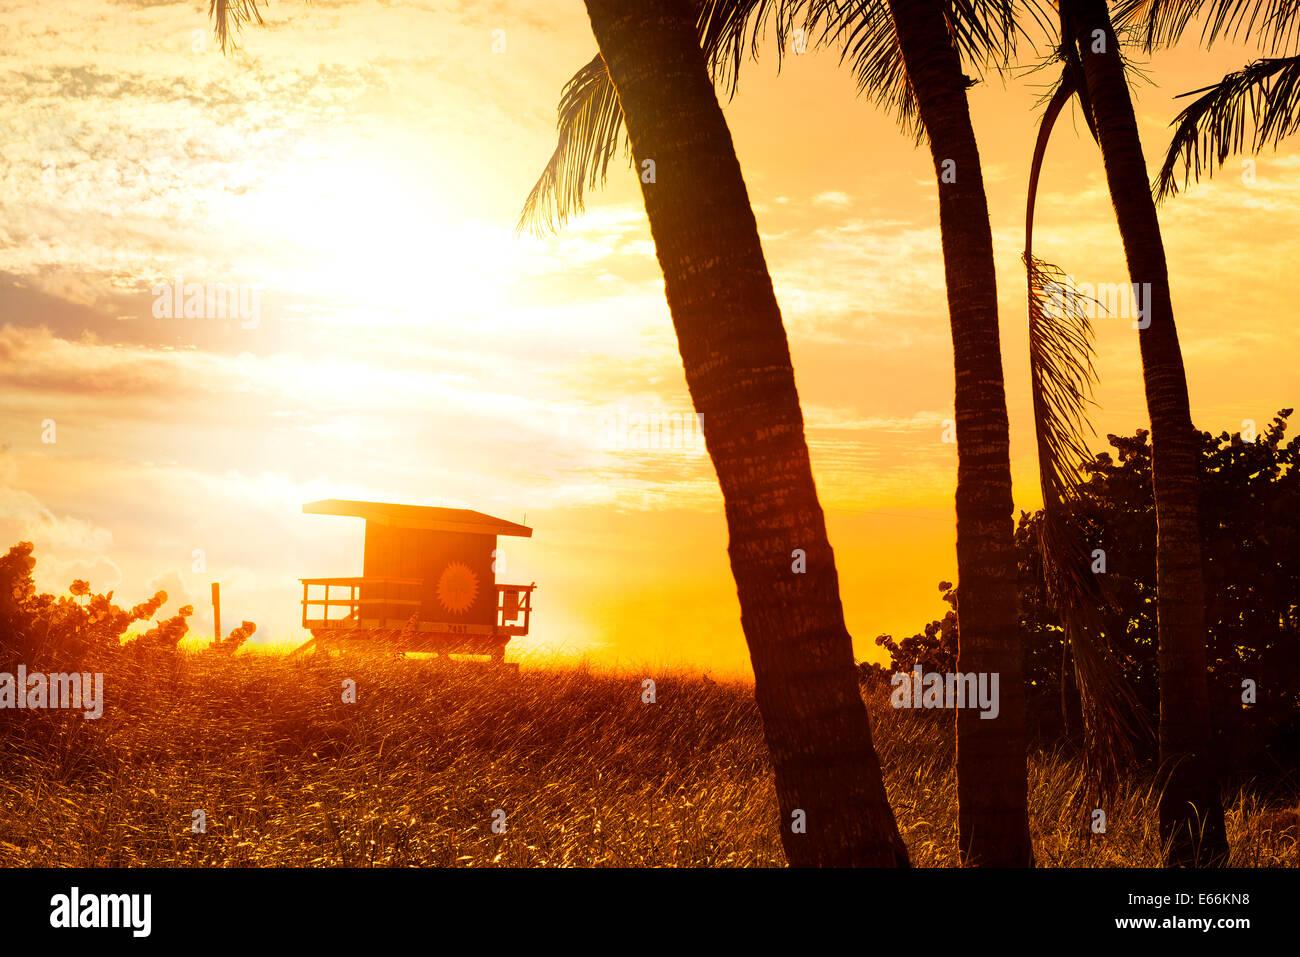 Miami South Beach sunrise con salvavidas y torre palmera Imagen De Stock